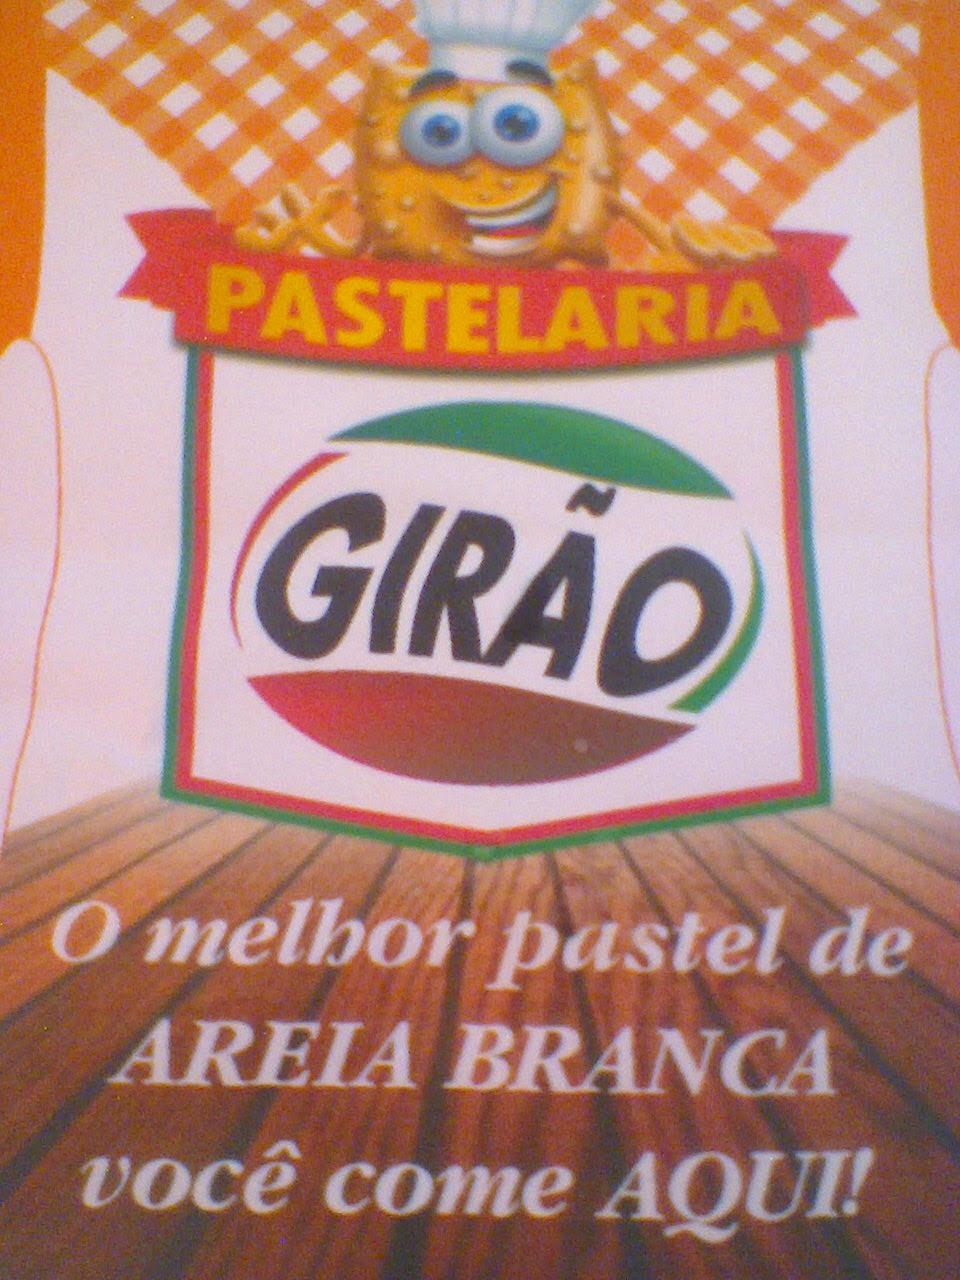 PASTELARIA GIRÃO